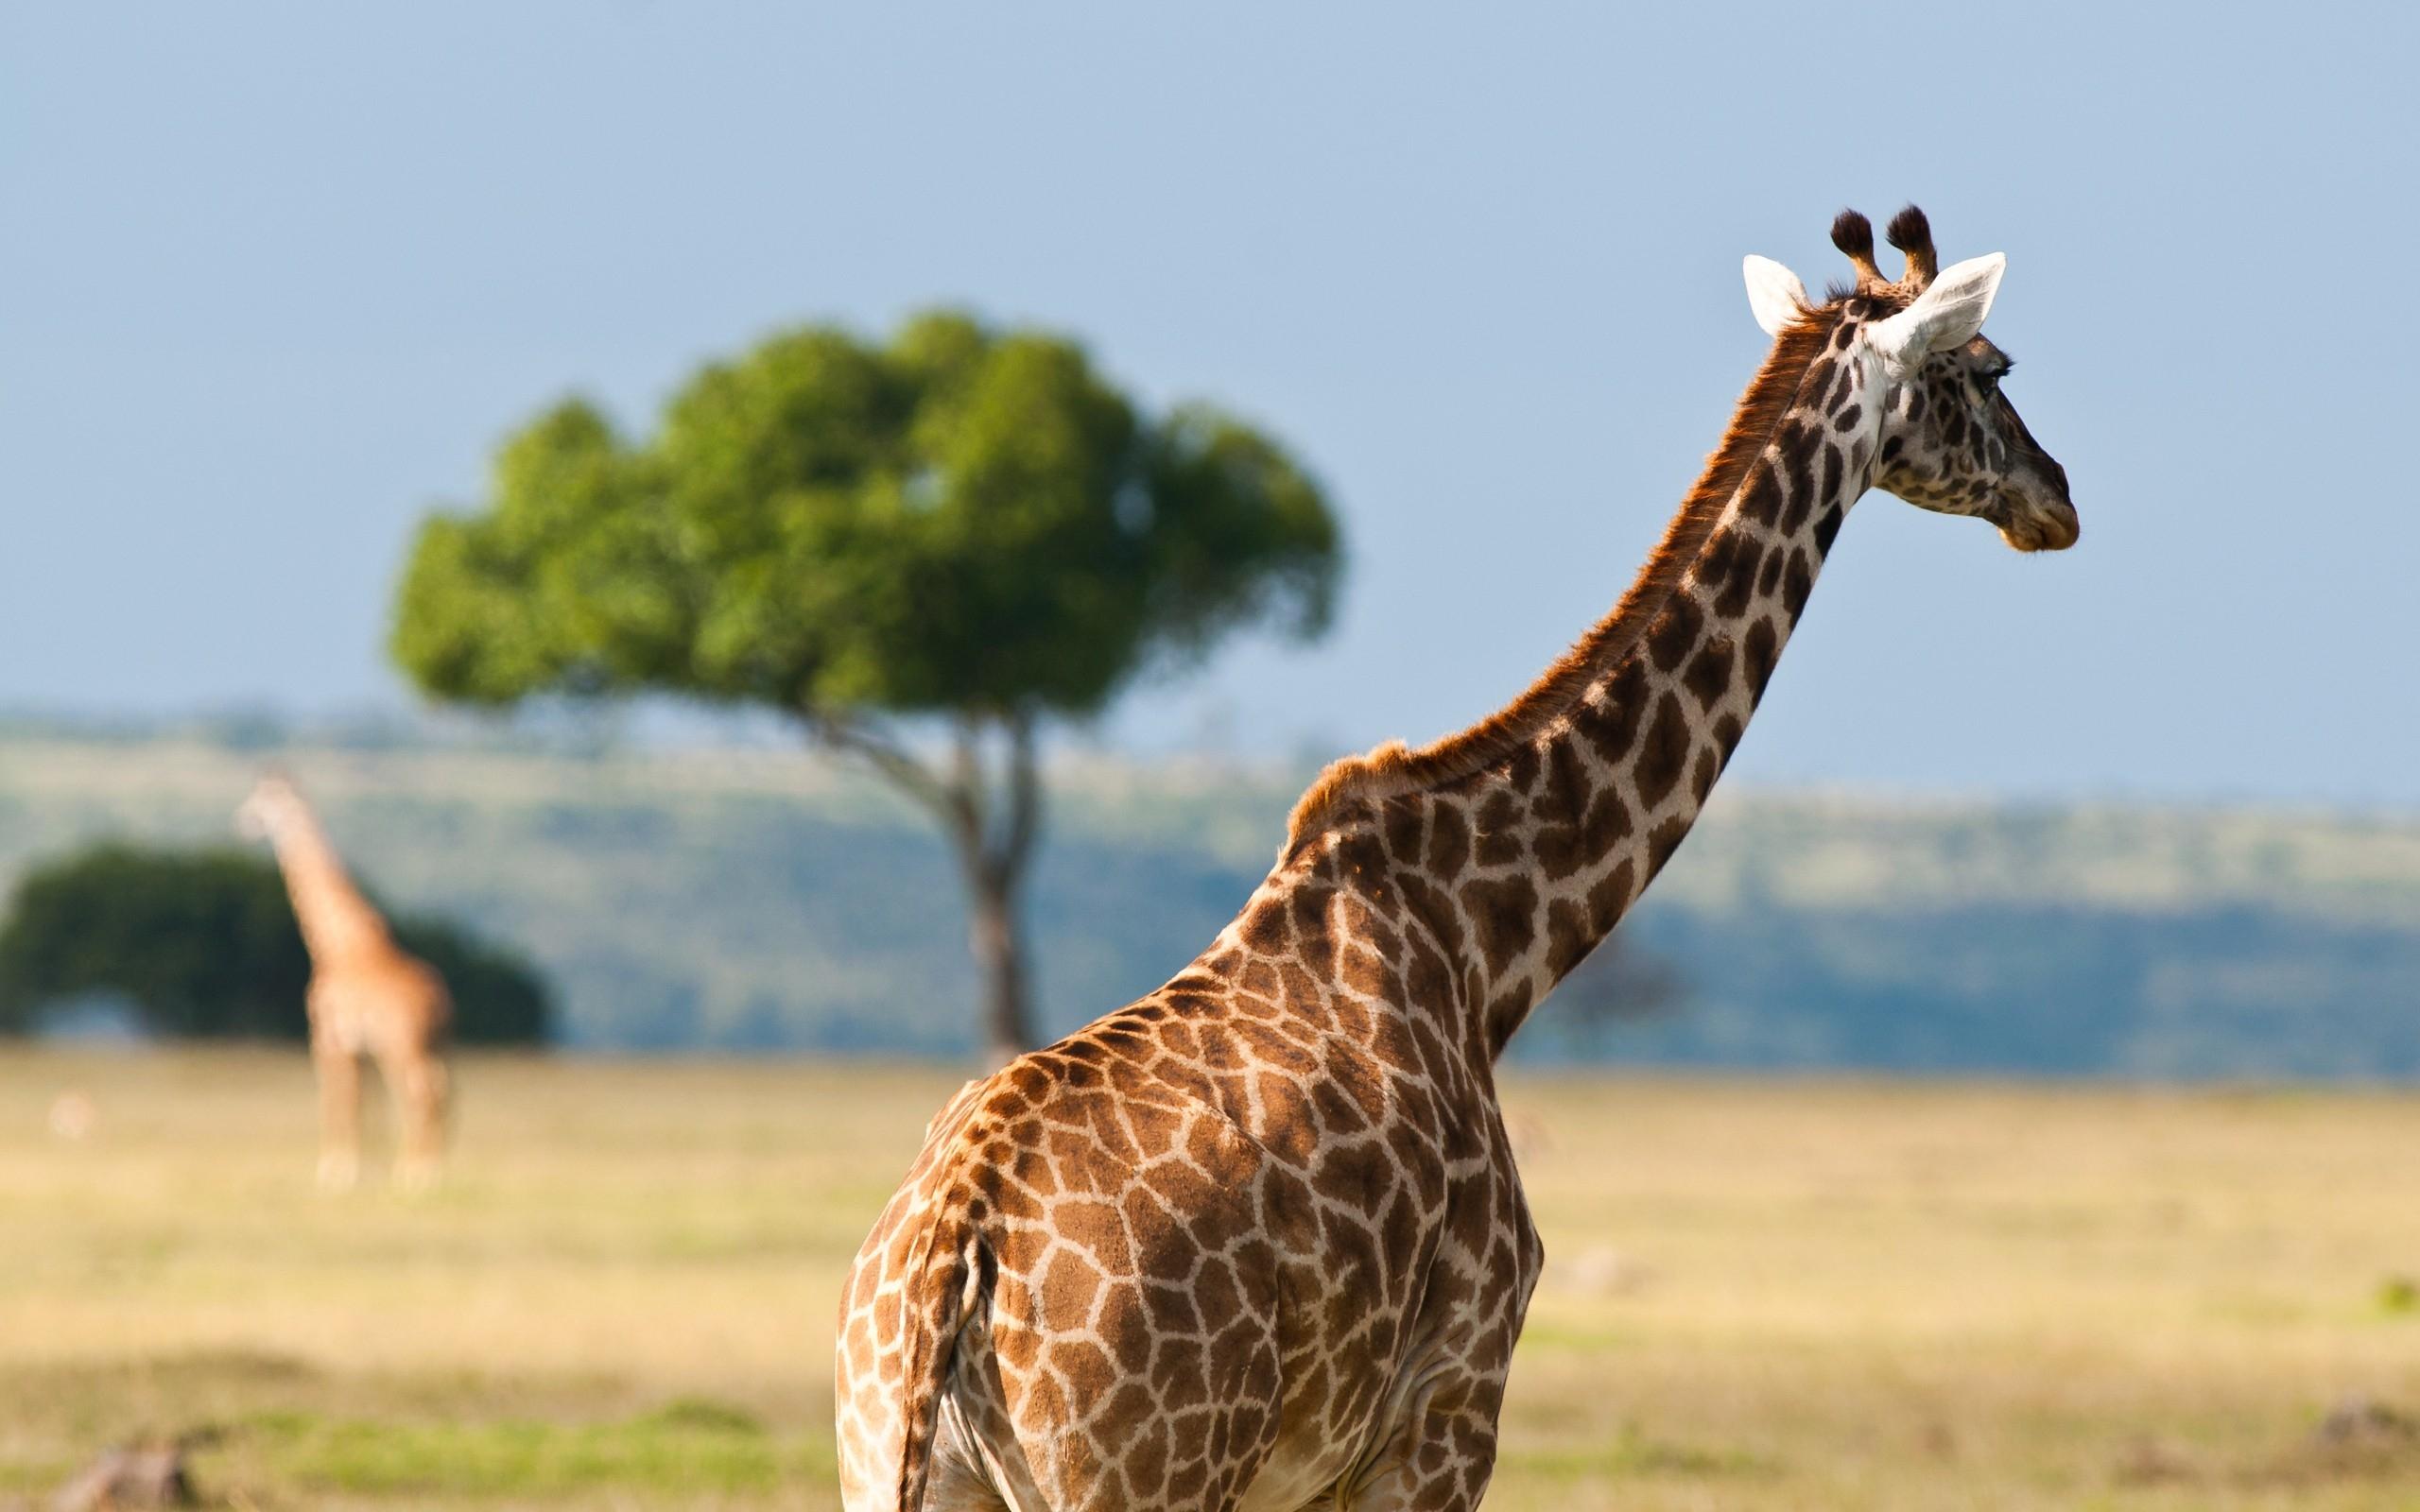 оборот фотки и картинки жирафа назвала этот стиль